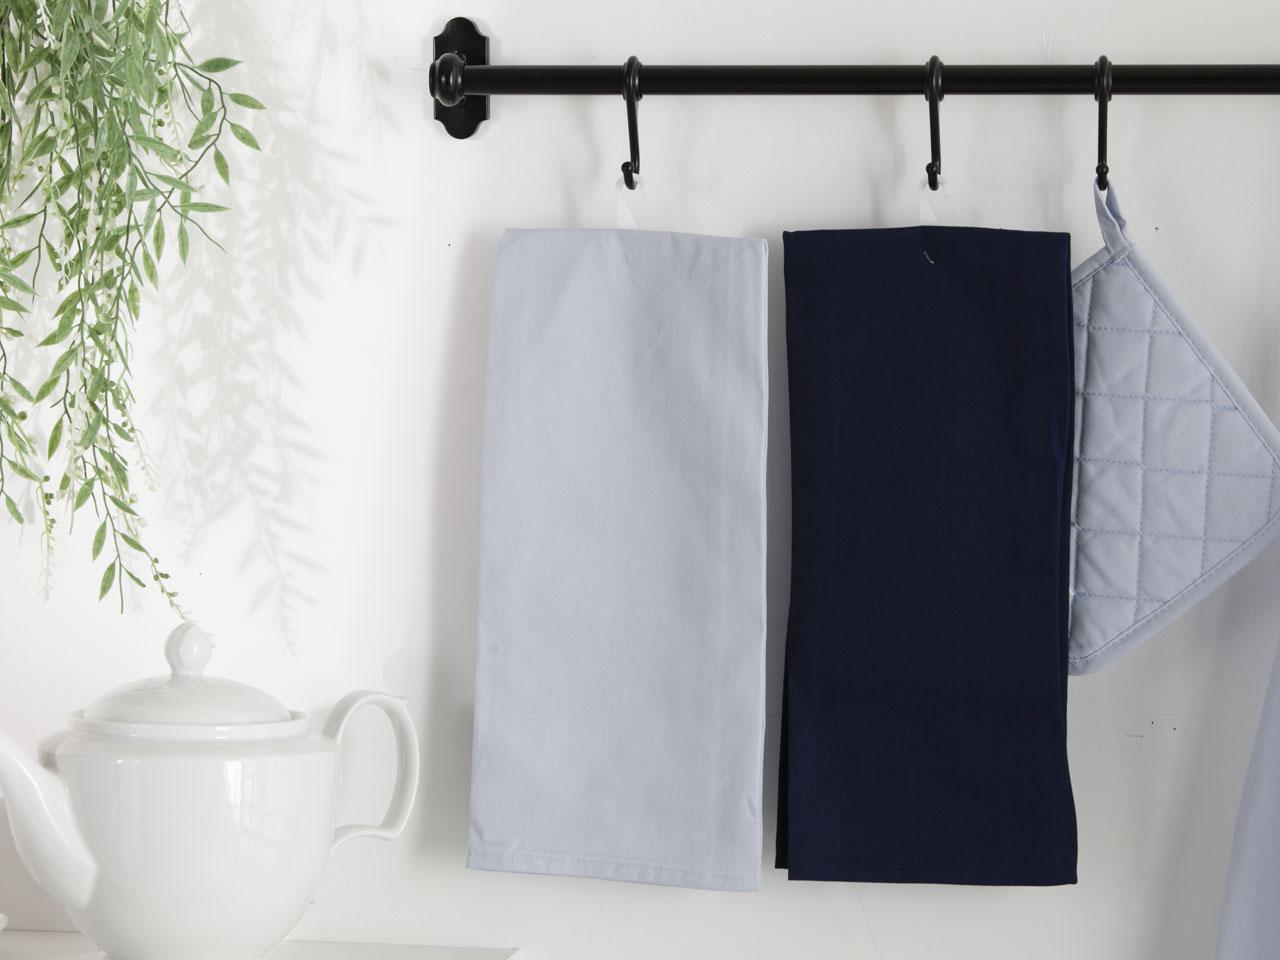 Ręcznik / Ściereczka kuchenna 100% bawełna Altom Design kolekcja Monokolor błękitna